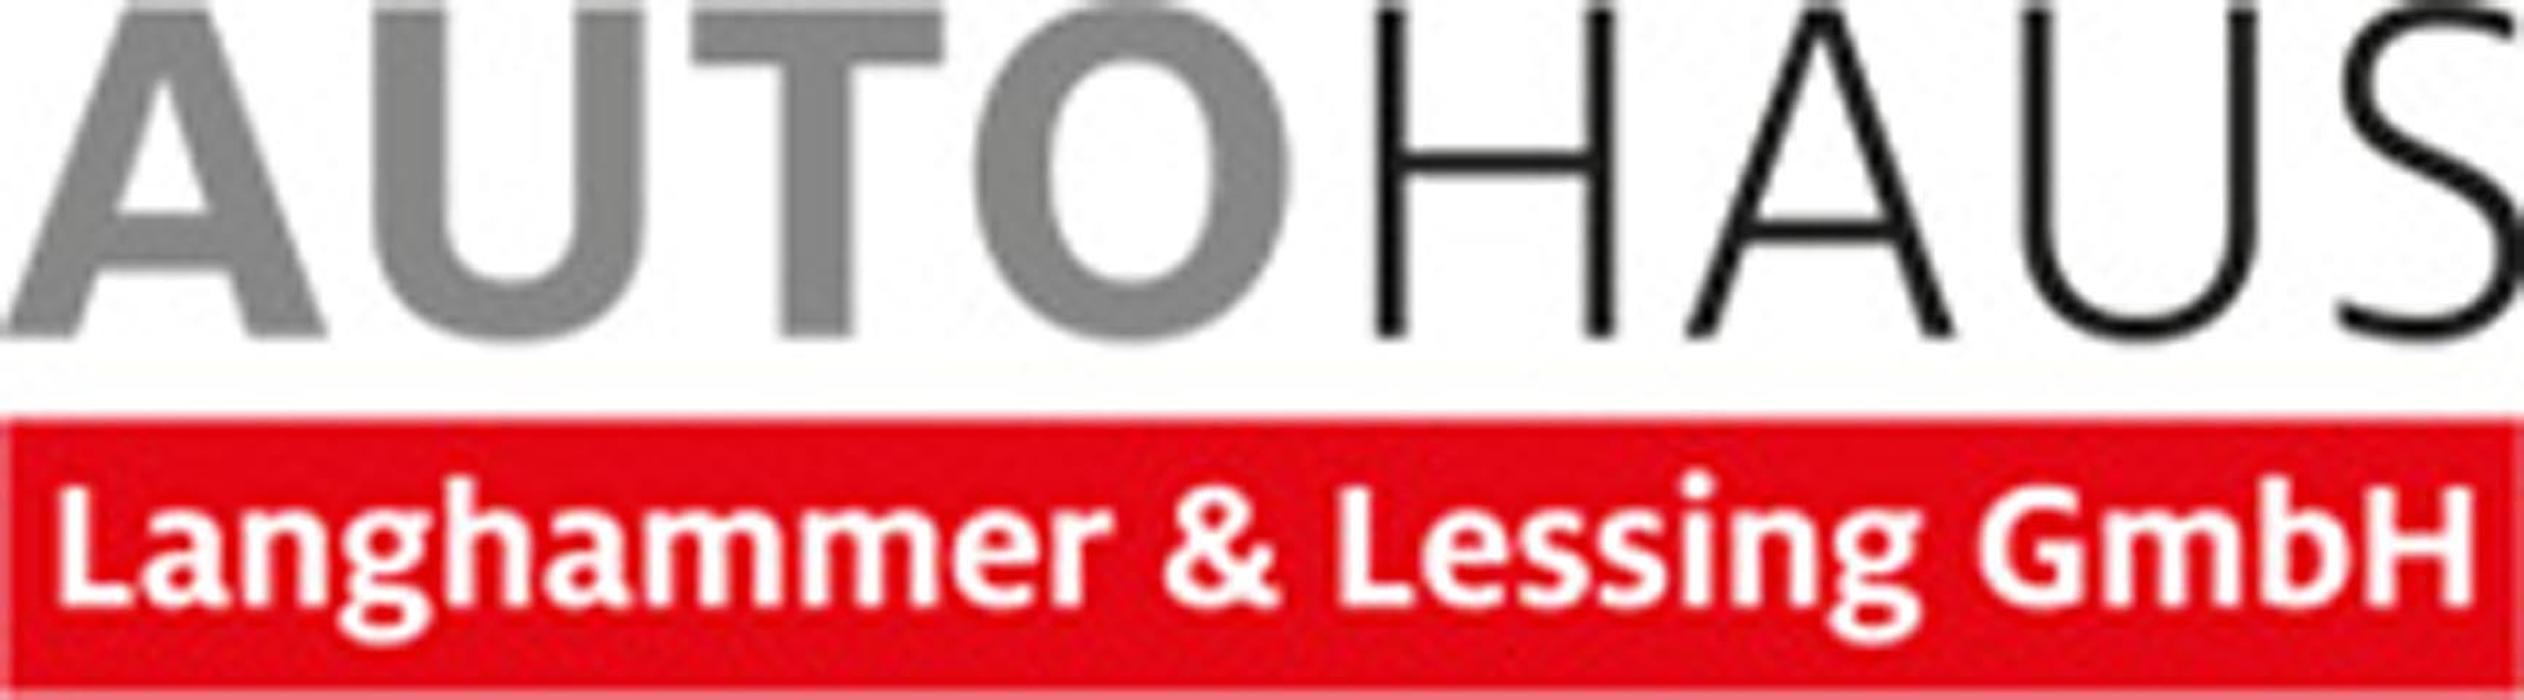 Bild zu Autohaus Langhammer & Lessing GmbH in Strausberg